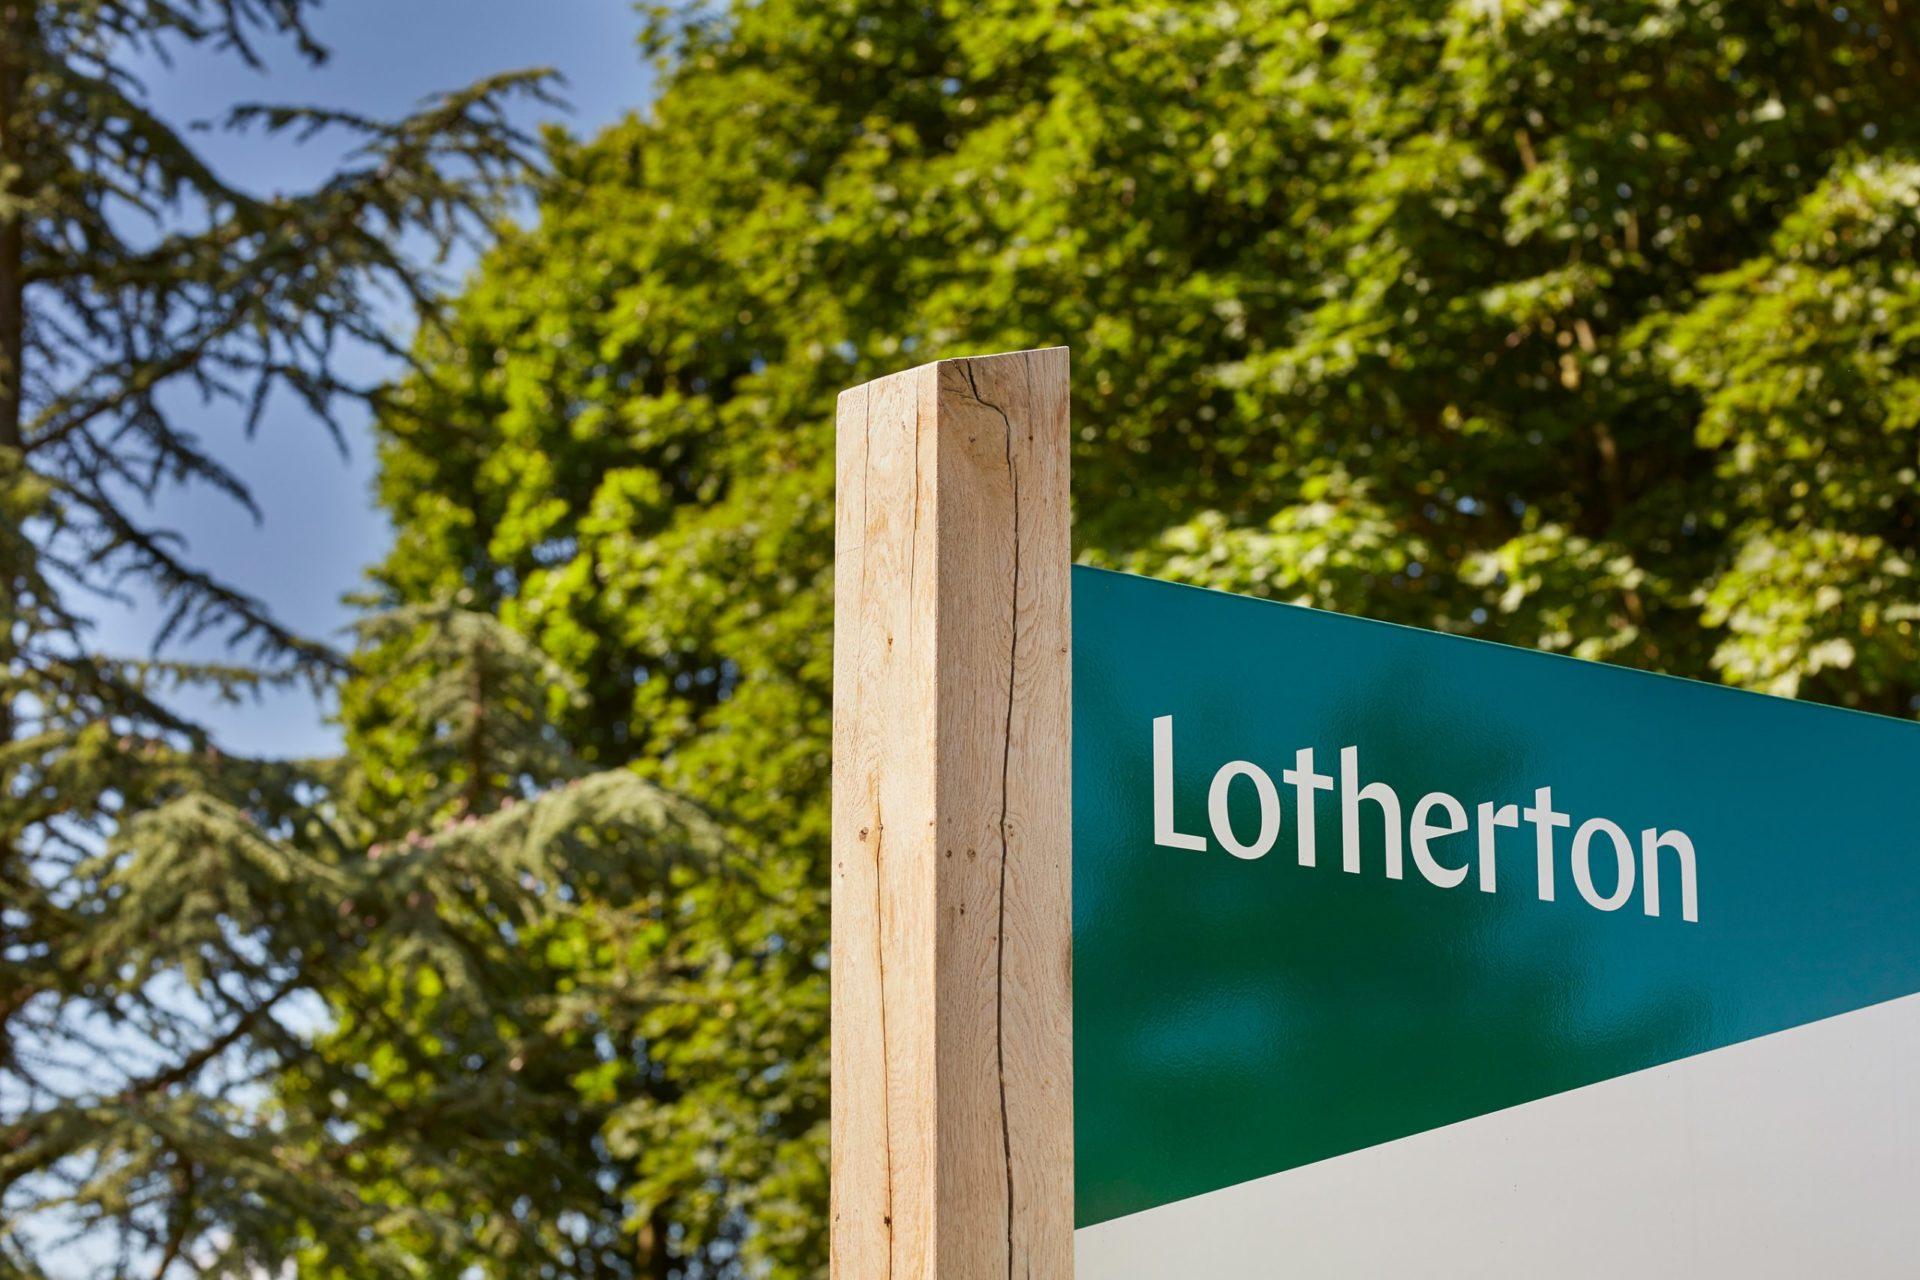 Lotherton image